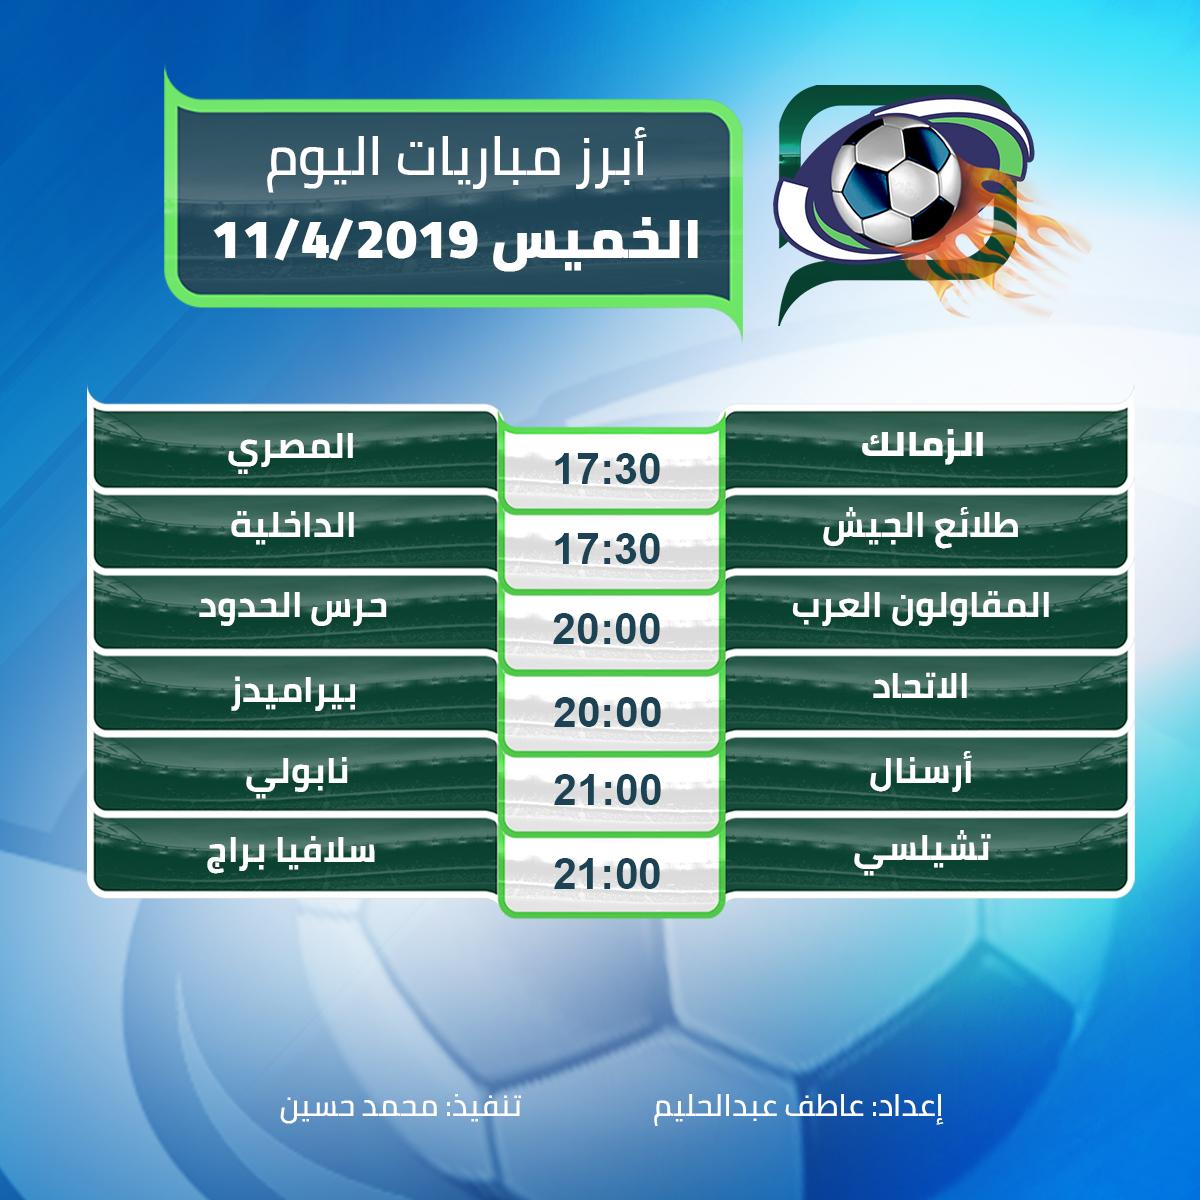 أبرز مباريات اليوم  الخميس 11/4/2019